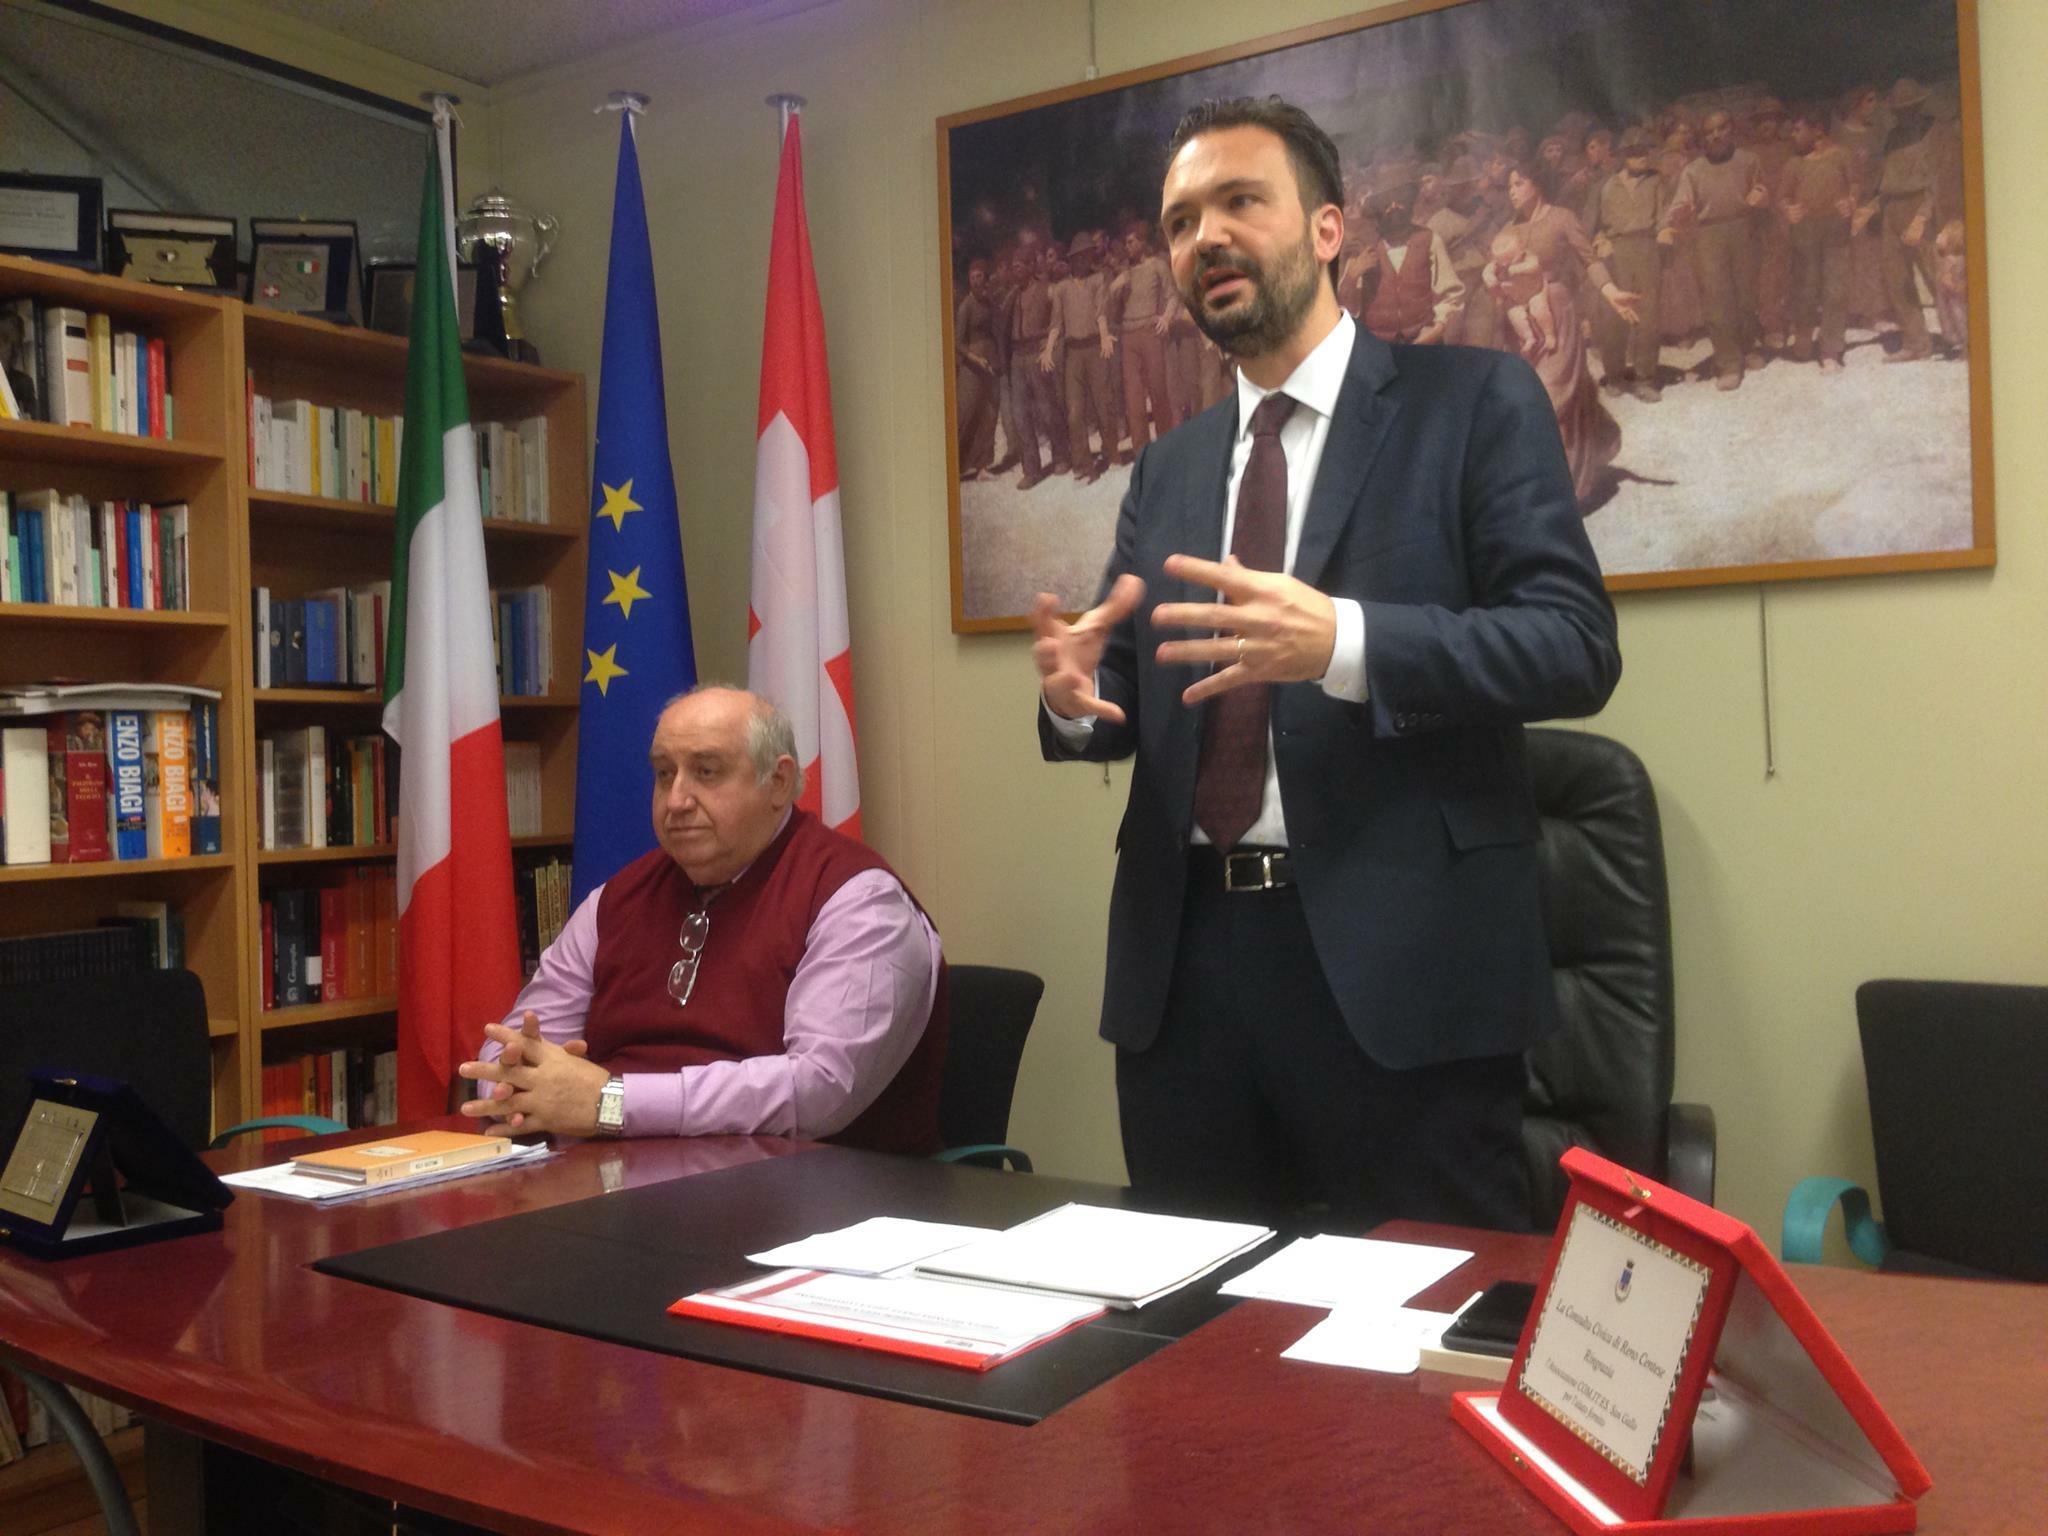 Incontro su referendum riforma costituzionale - San Gallo